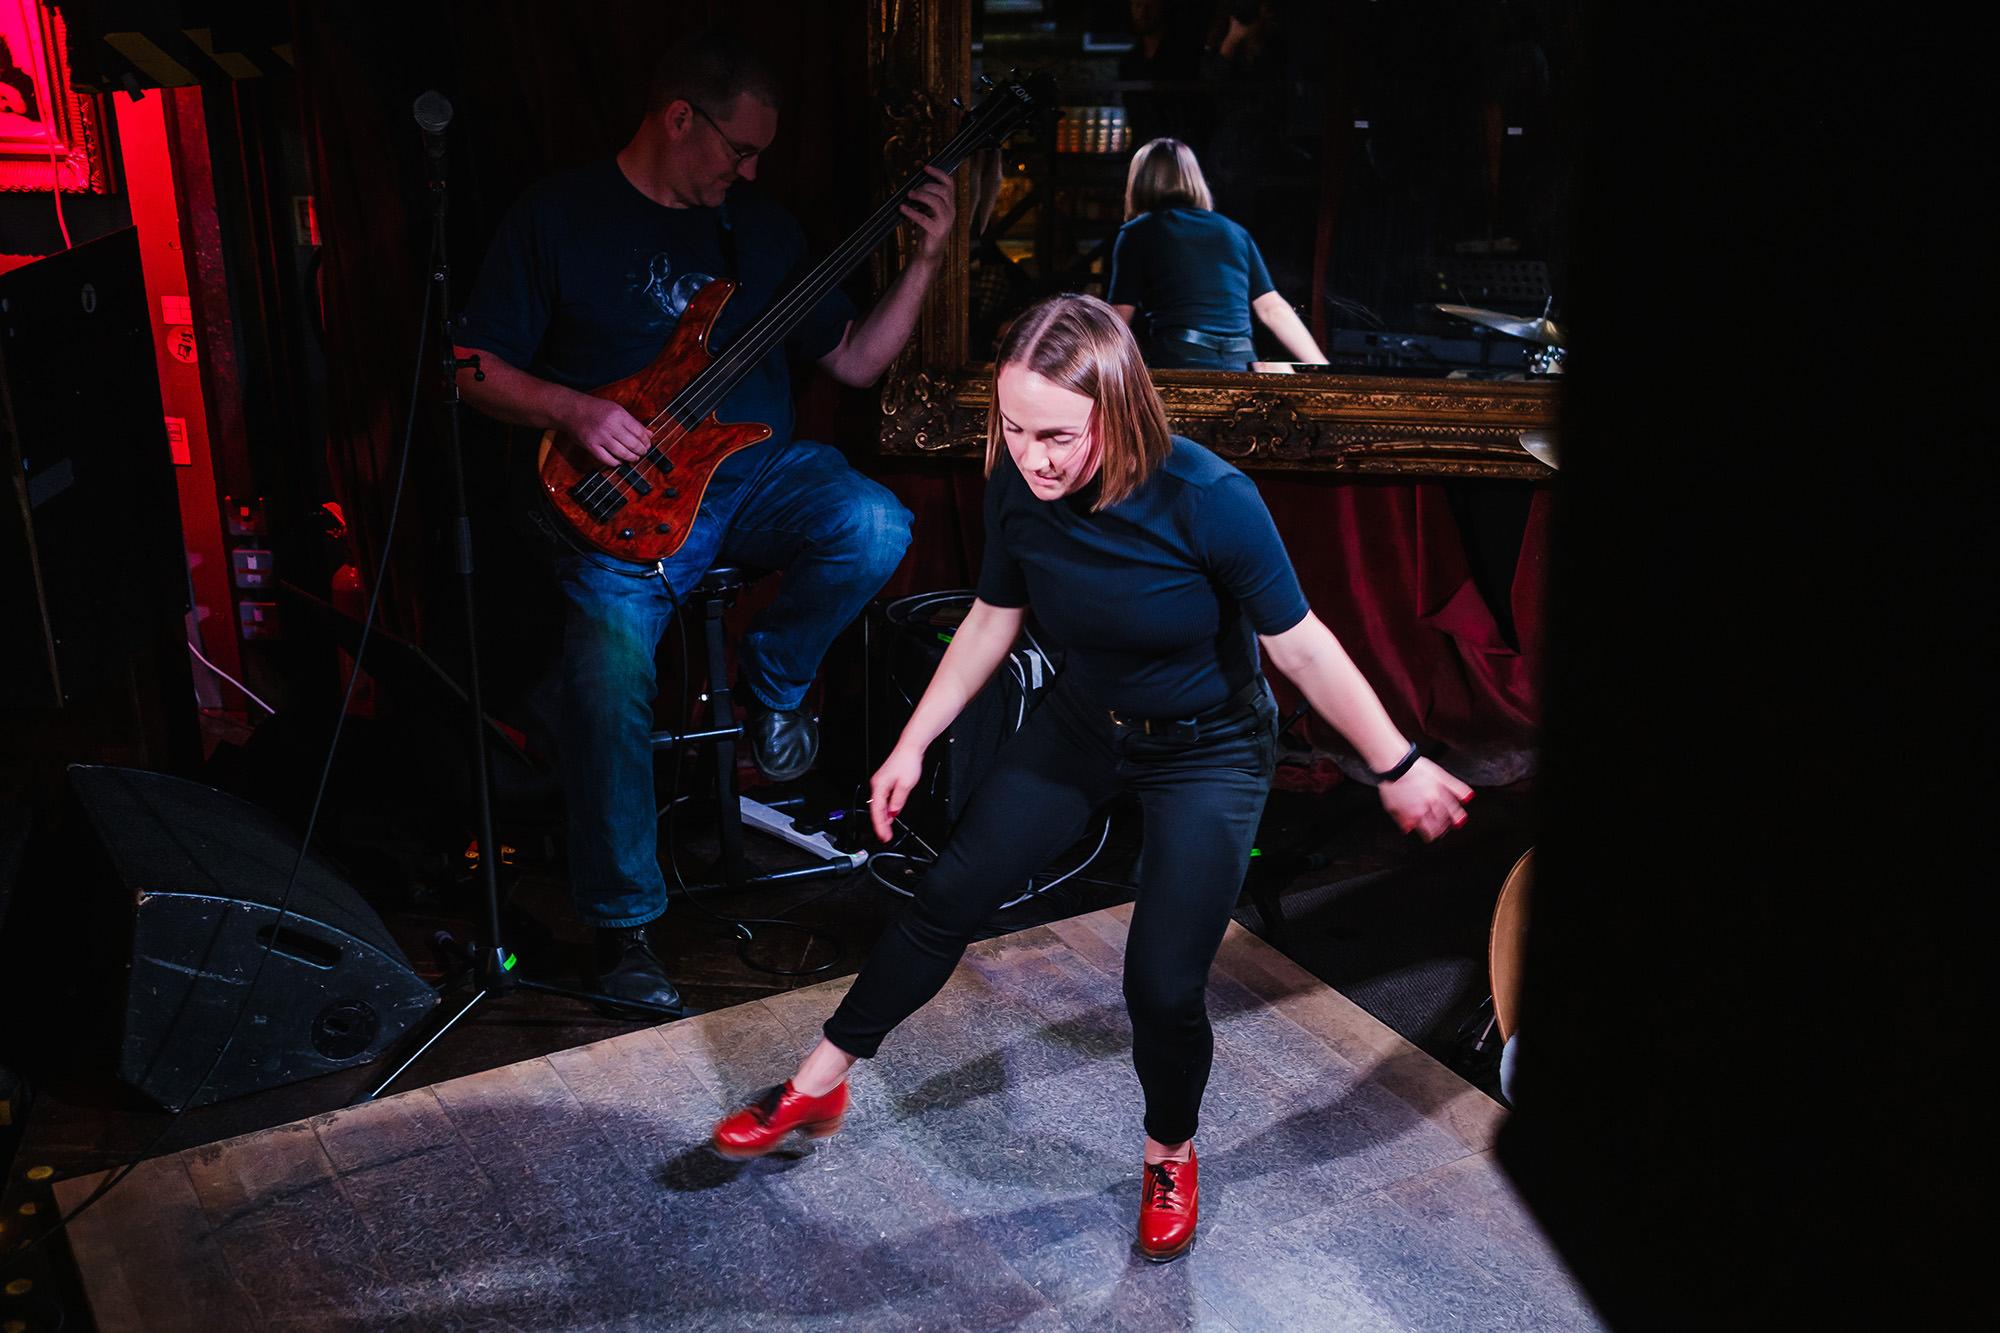 Adele Joel tap dancing London